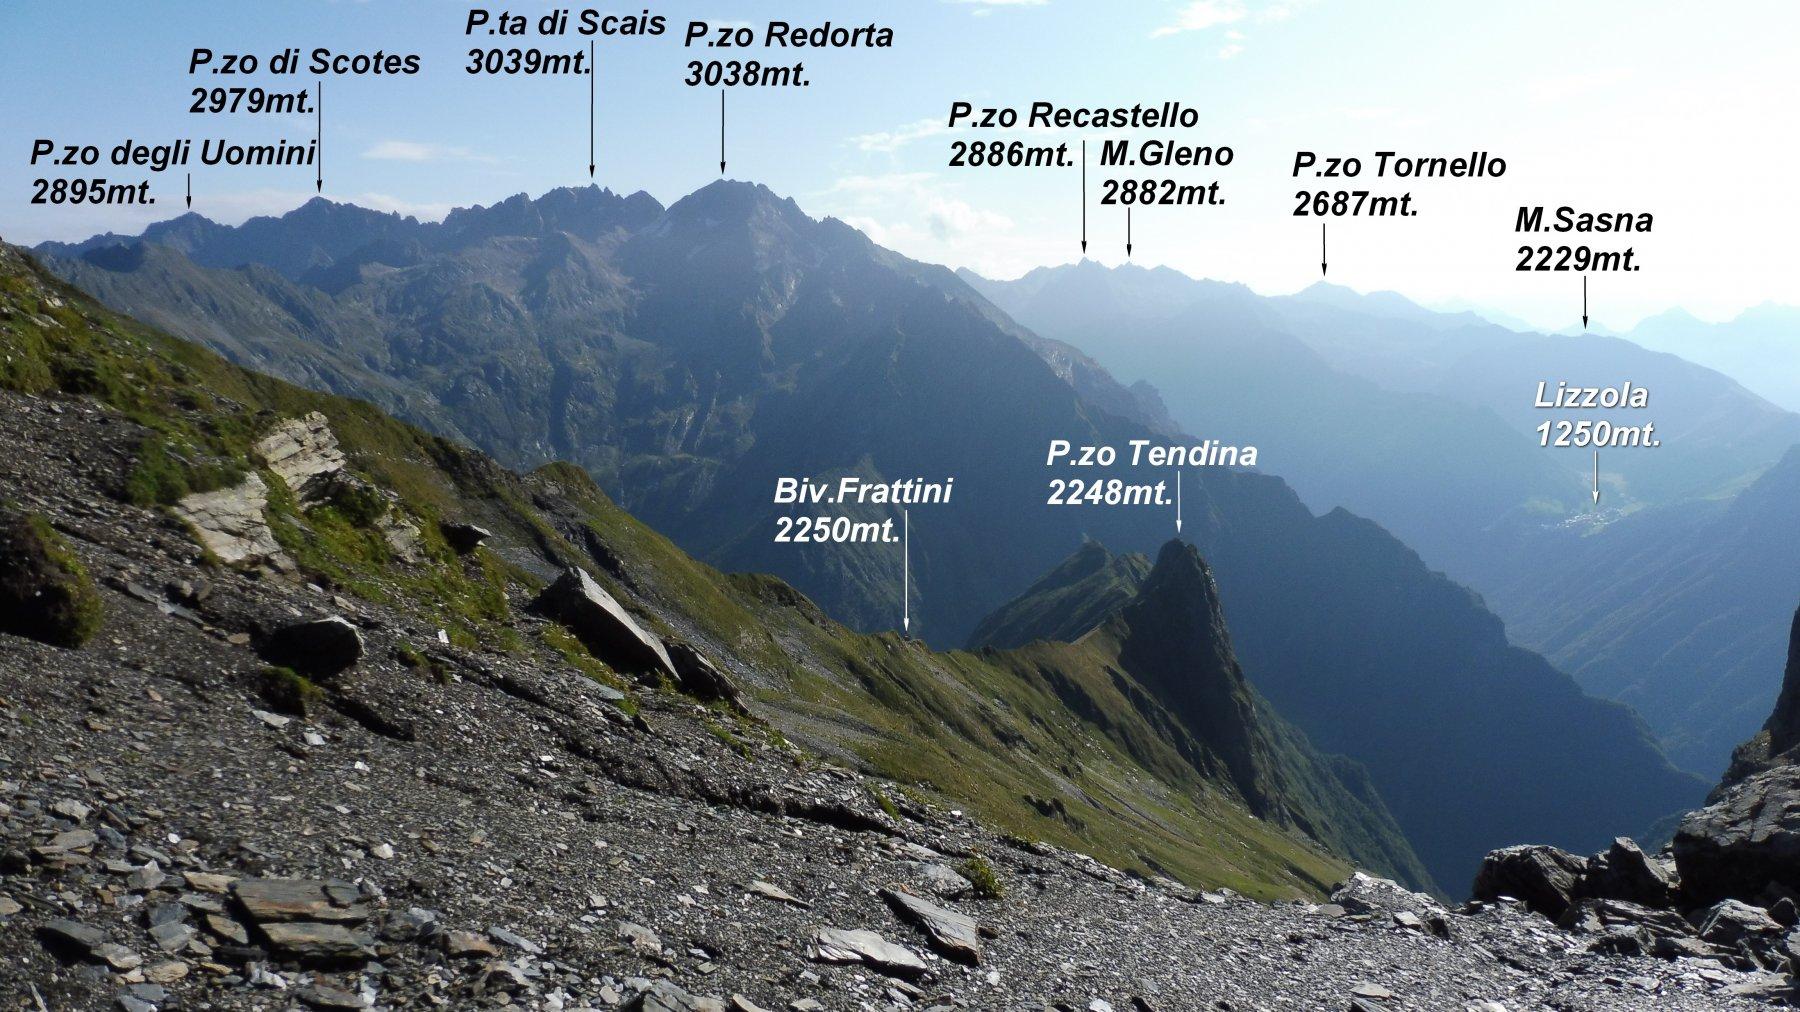 Panorama dal P.so di Valsecca versante Seriano.